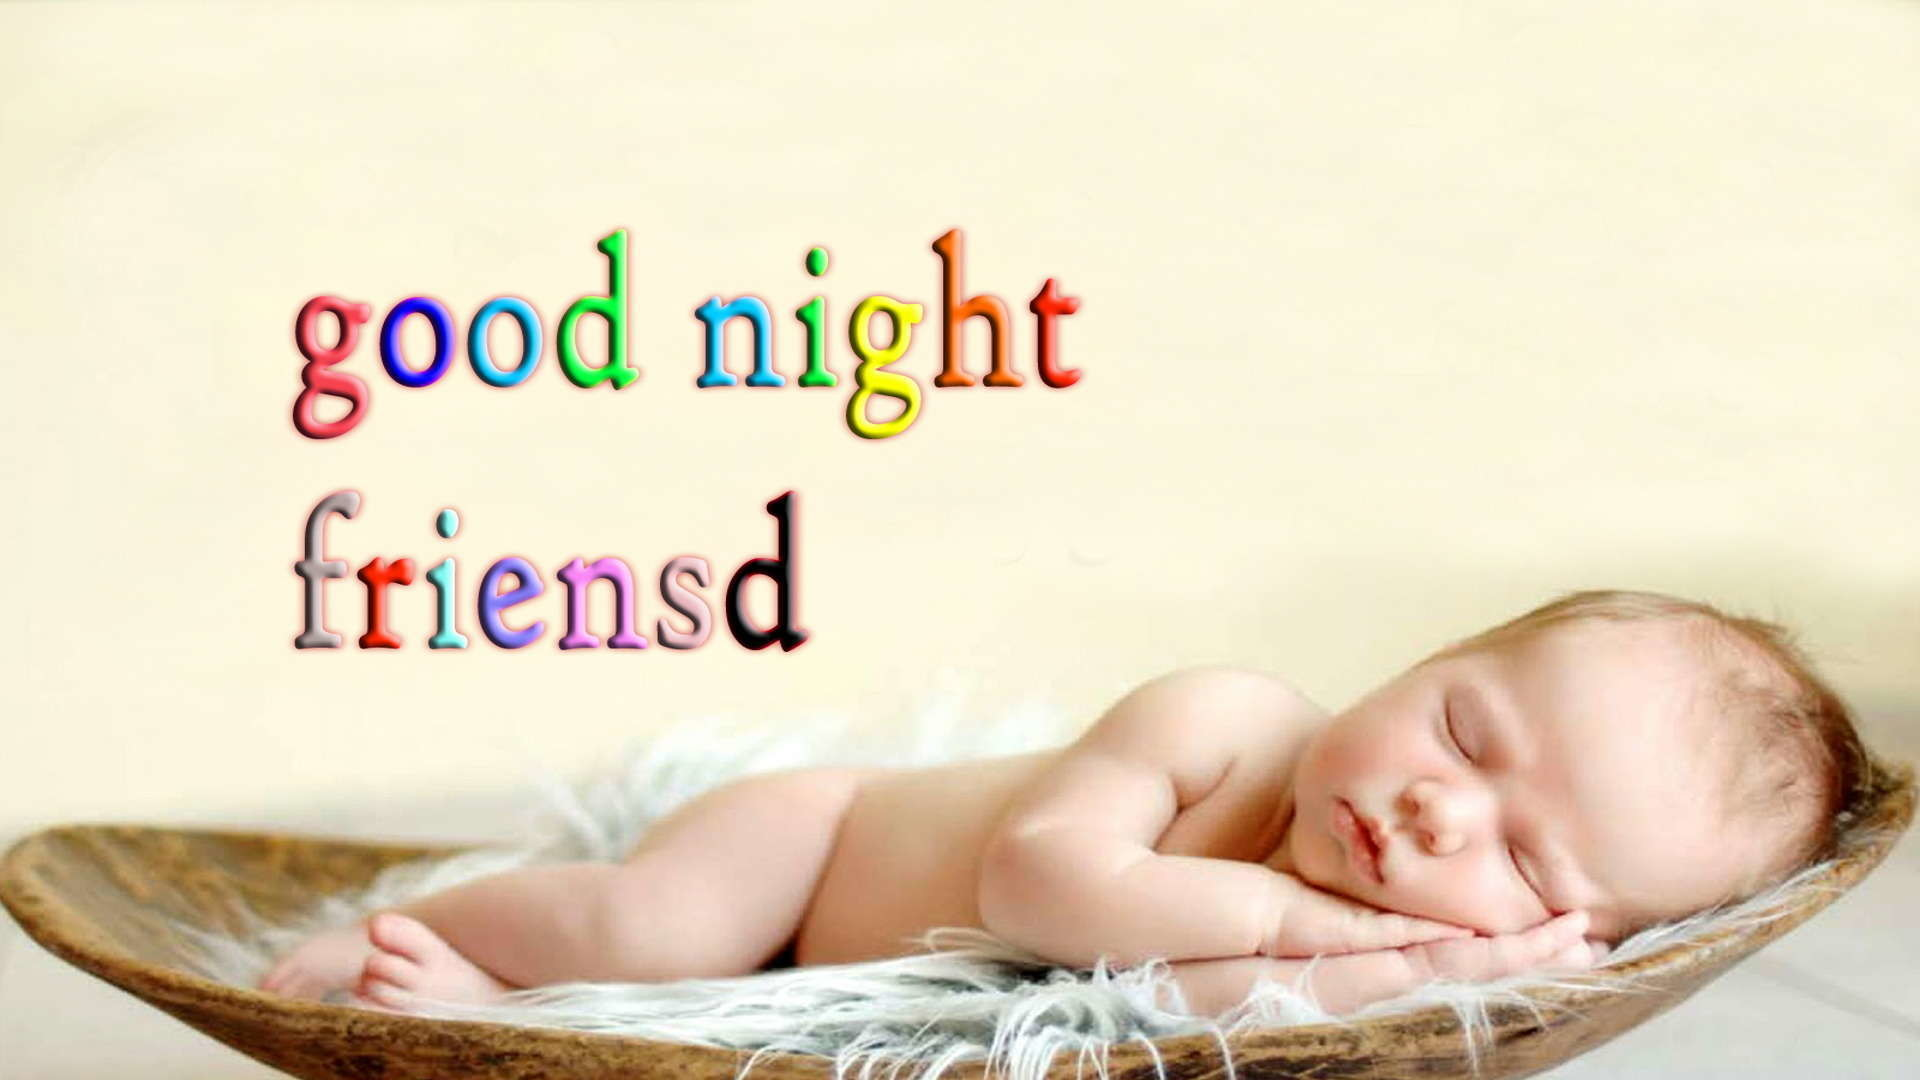 Wallpaper: Cute Baby Sleeping Quotes Hd Wallpaper 1080p. Upload at May .